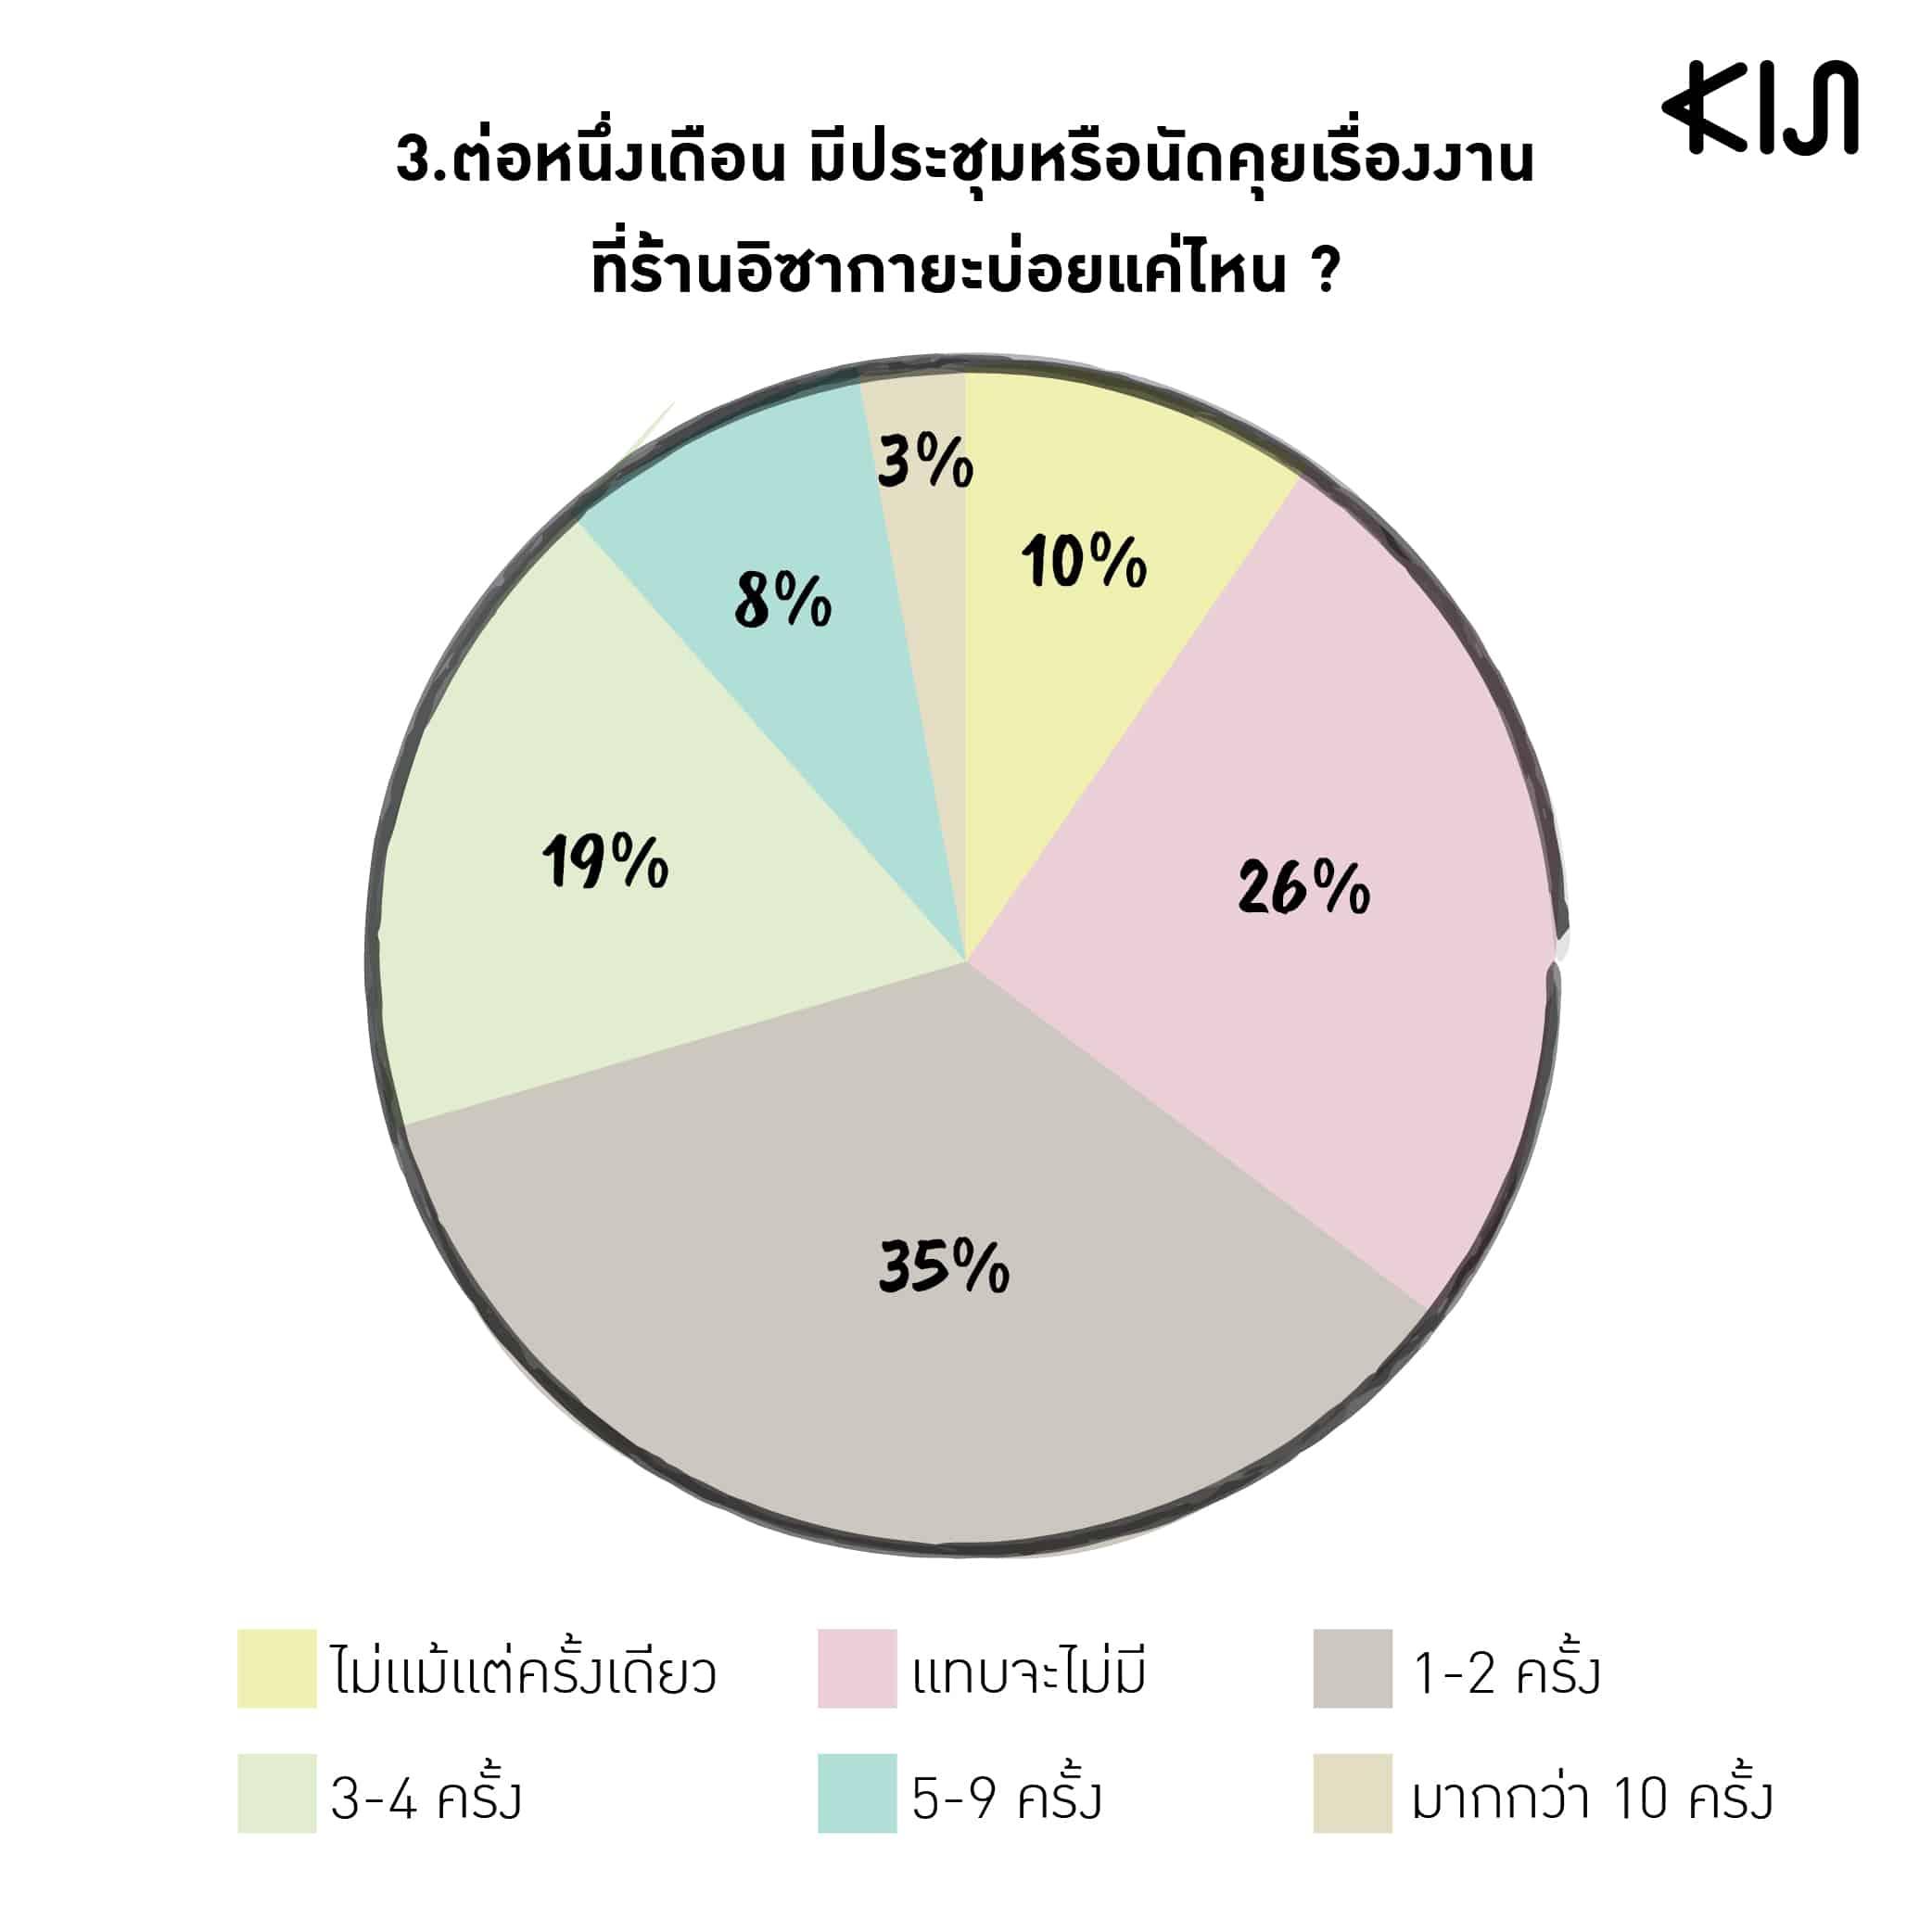 สถิติของพนักงานออฟฟิศคนญี่ปุ่นที่มาทำงานในเมืองไทย : ต่อหนึ่งเดือน มีประชุมหรือนัดคุยเรื่องงานที่ร้านอิซากายะบ่อยแค่ไหน ?